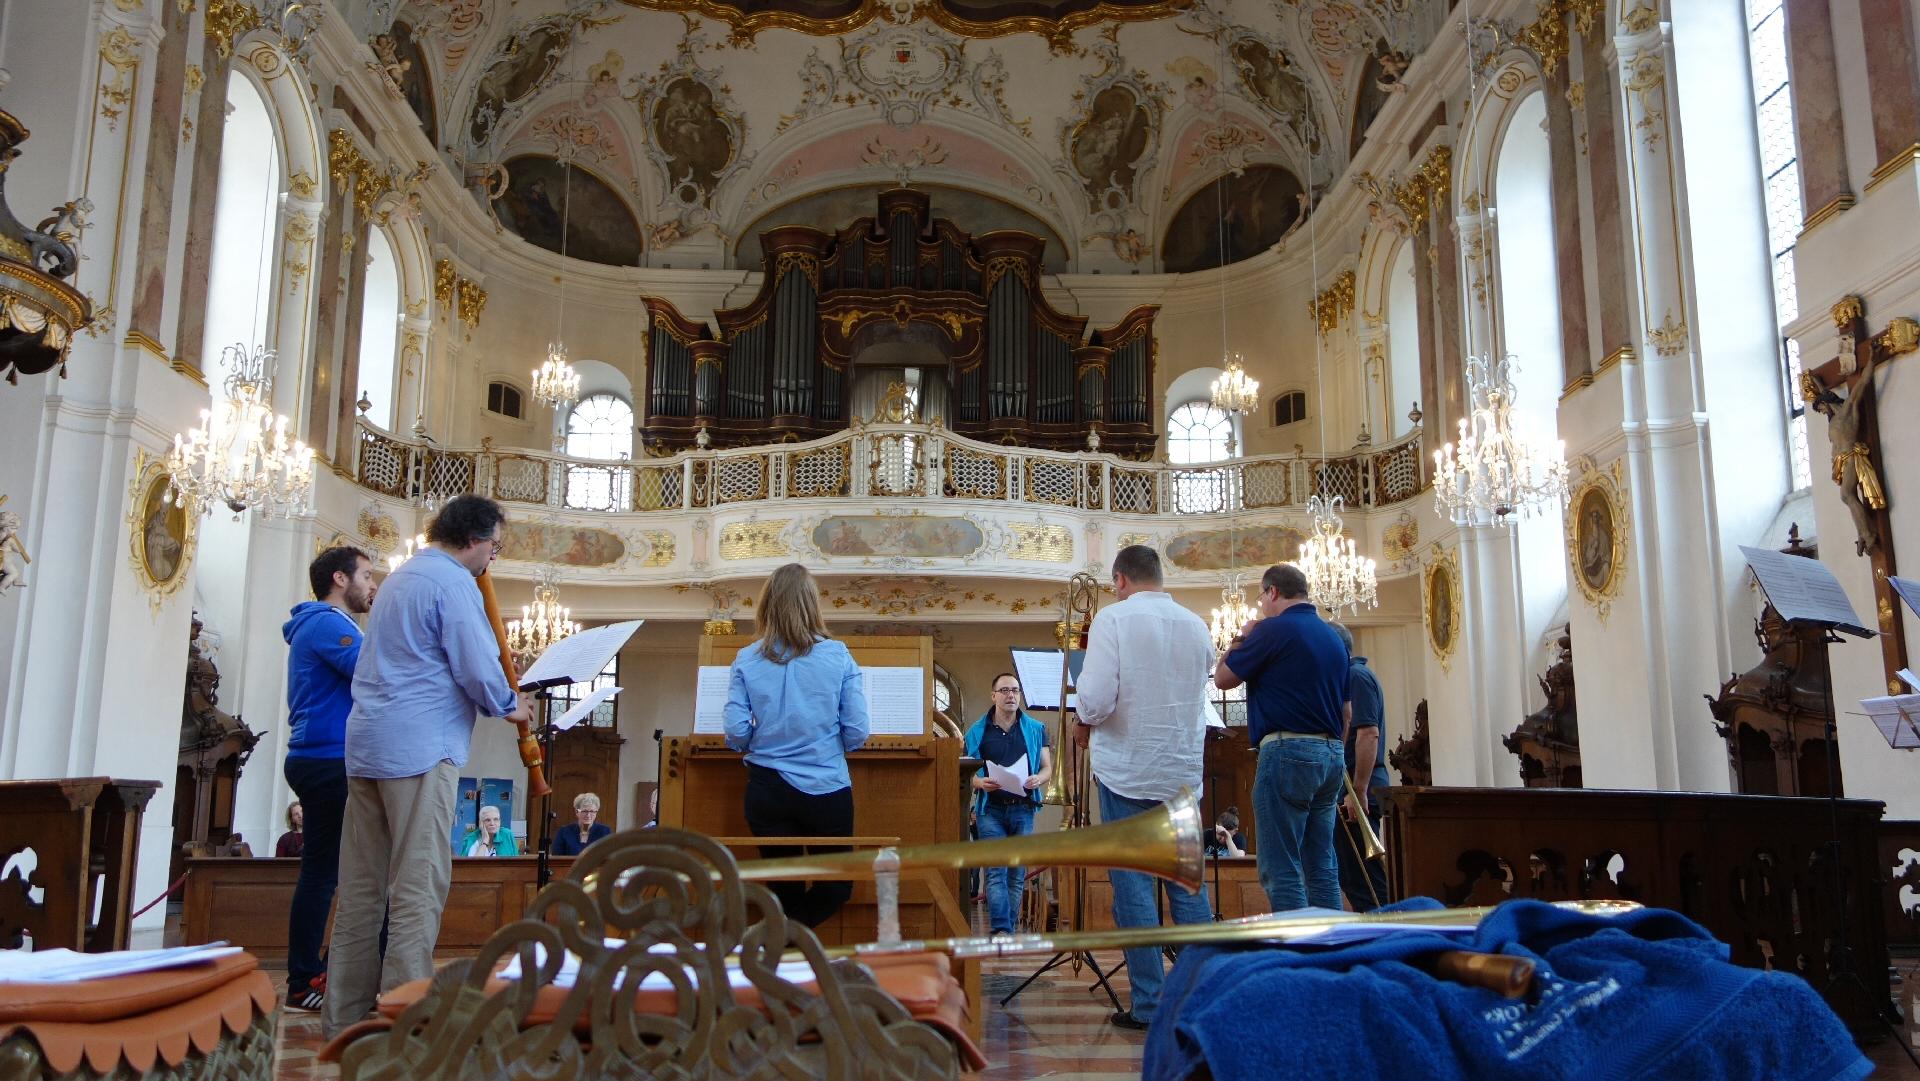 Kurs für Alte Musik Mainz 9-2016 (09)